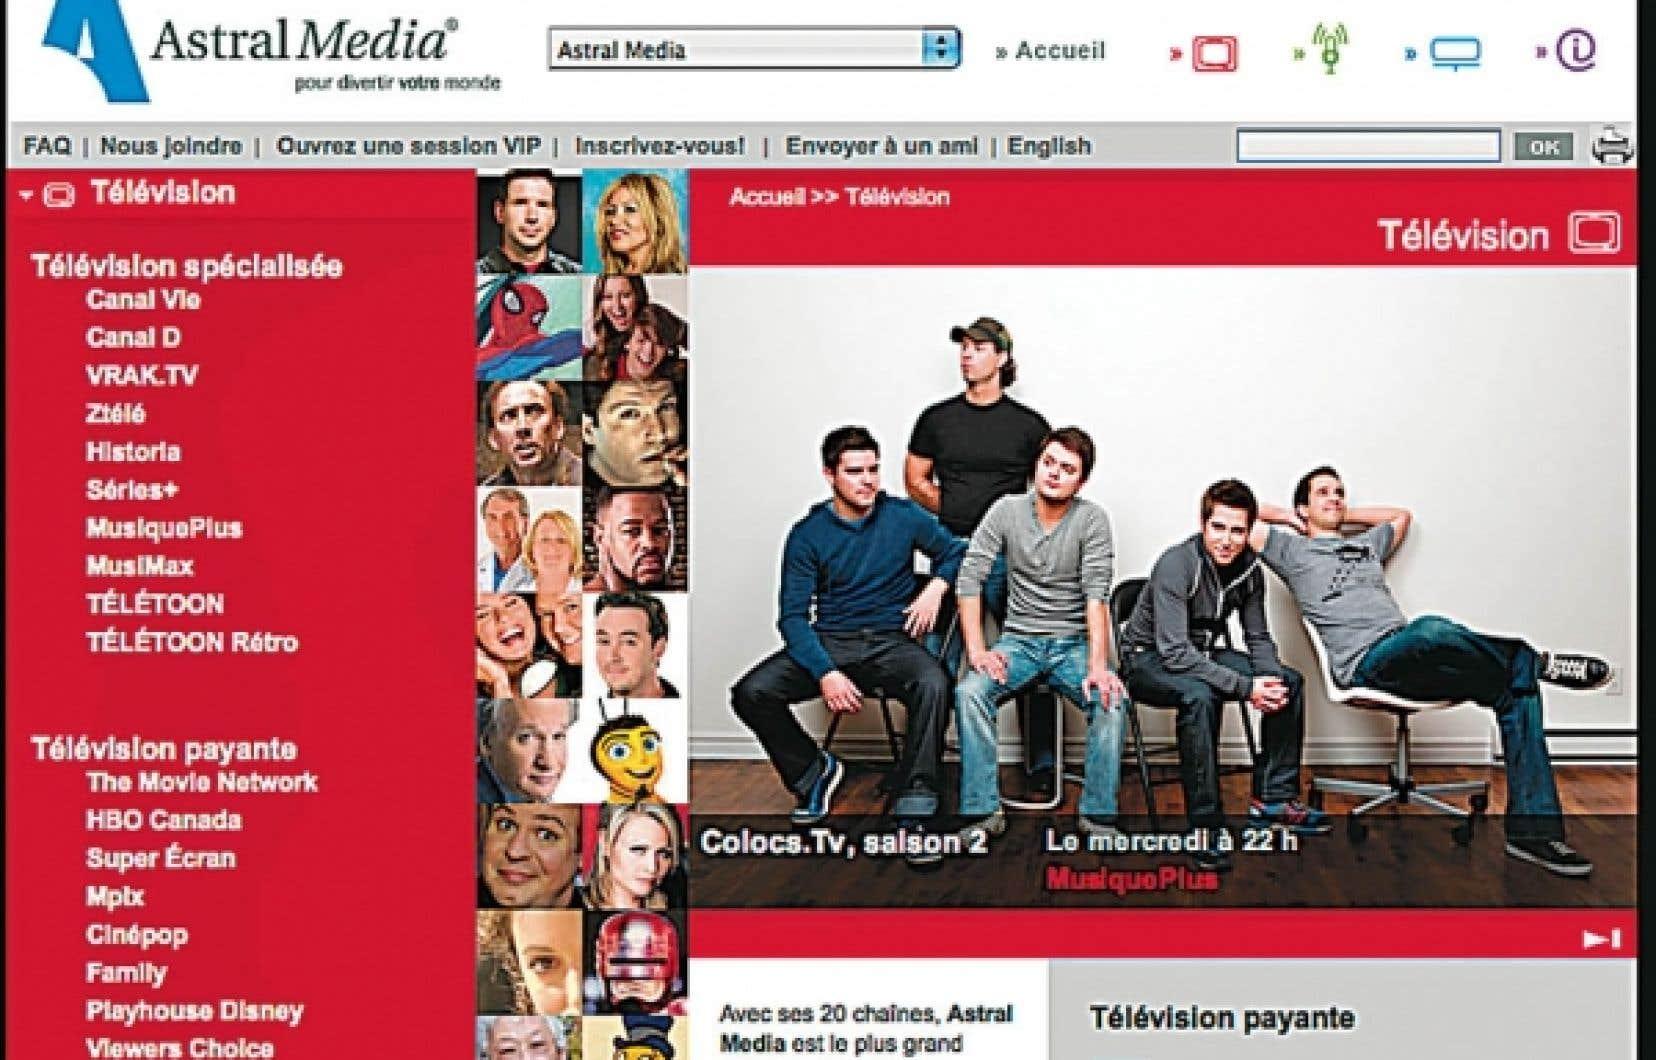 L'offre est plutôt généreuse en matière de diffusion d'émissions en ligne. Ci-dessus, tou.tv, de Radio-Canada, et la section Télévision d'Astral Media.